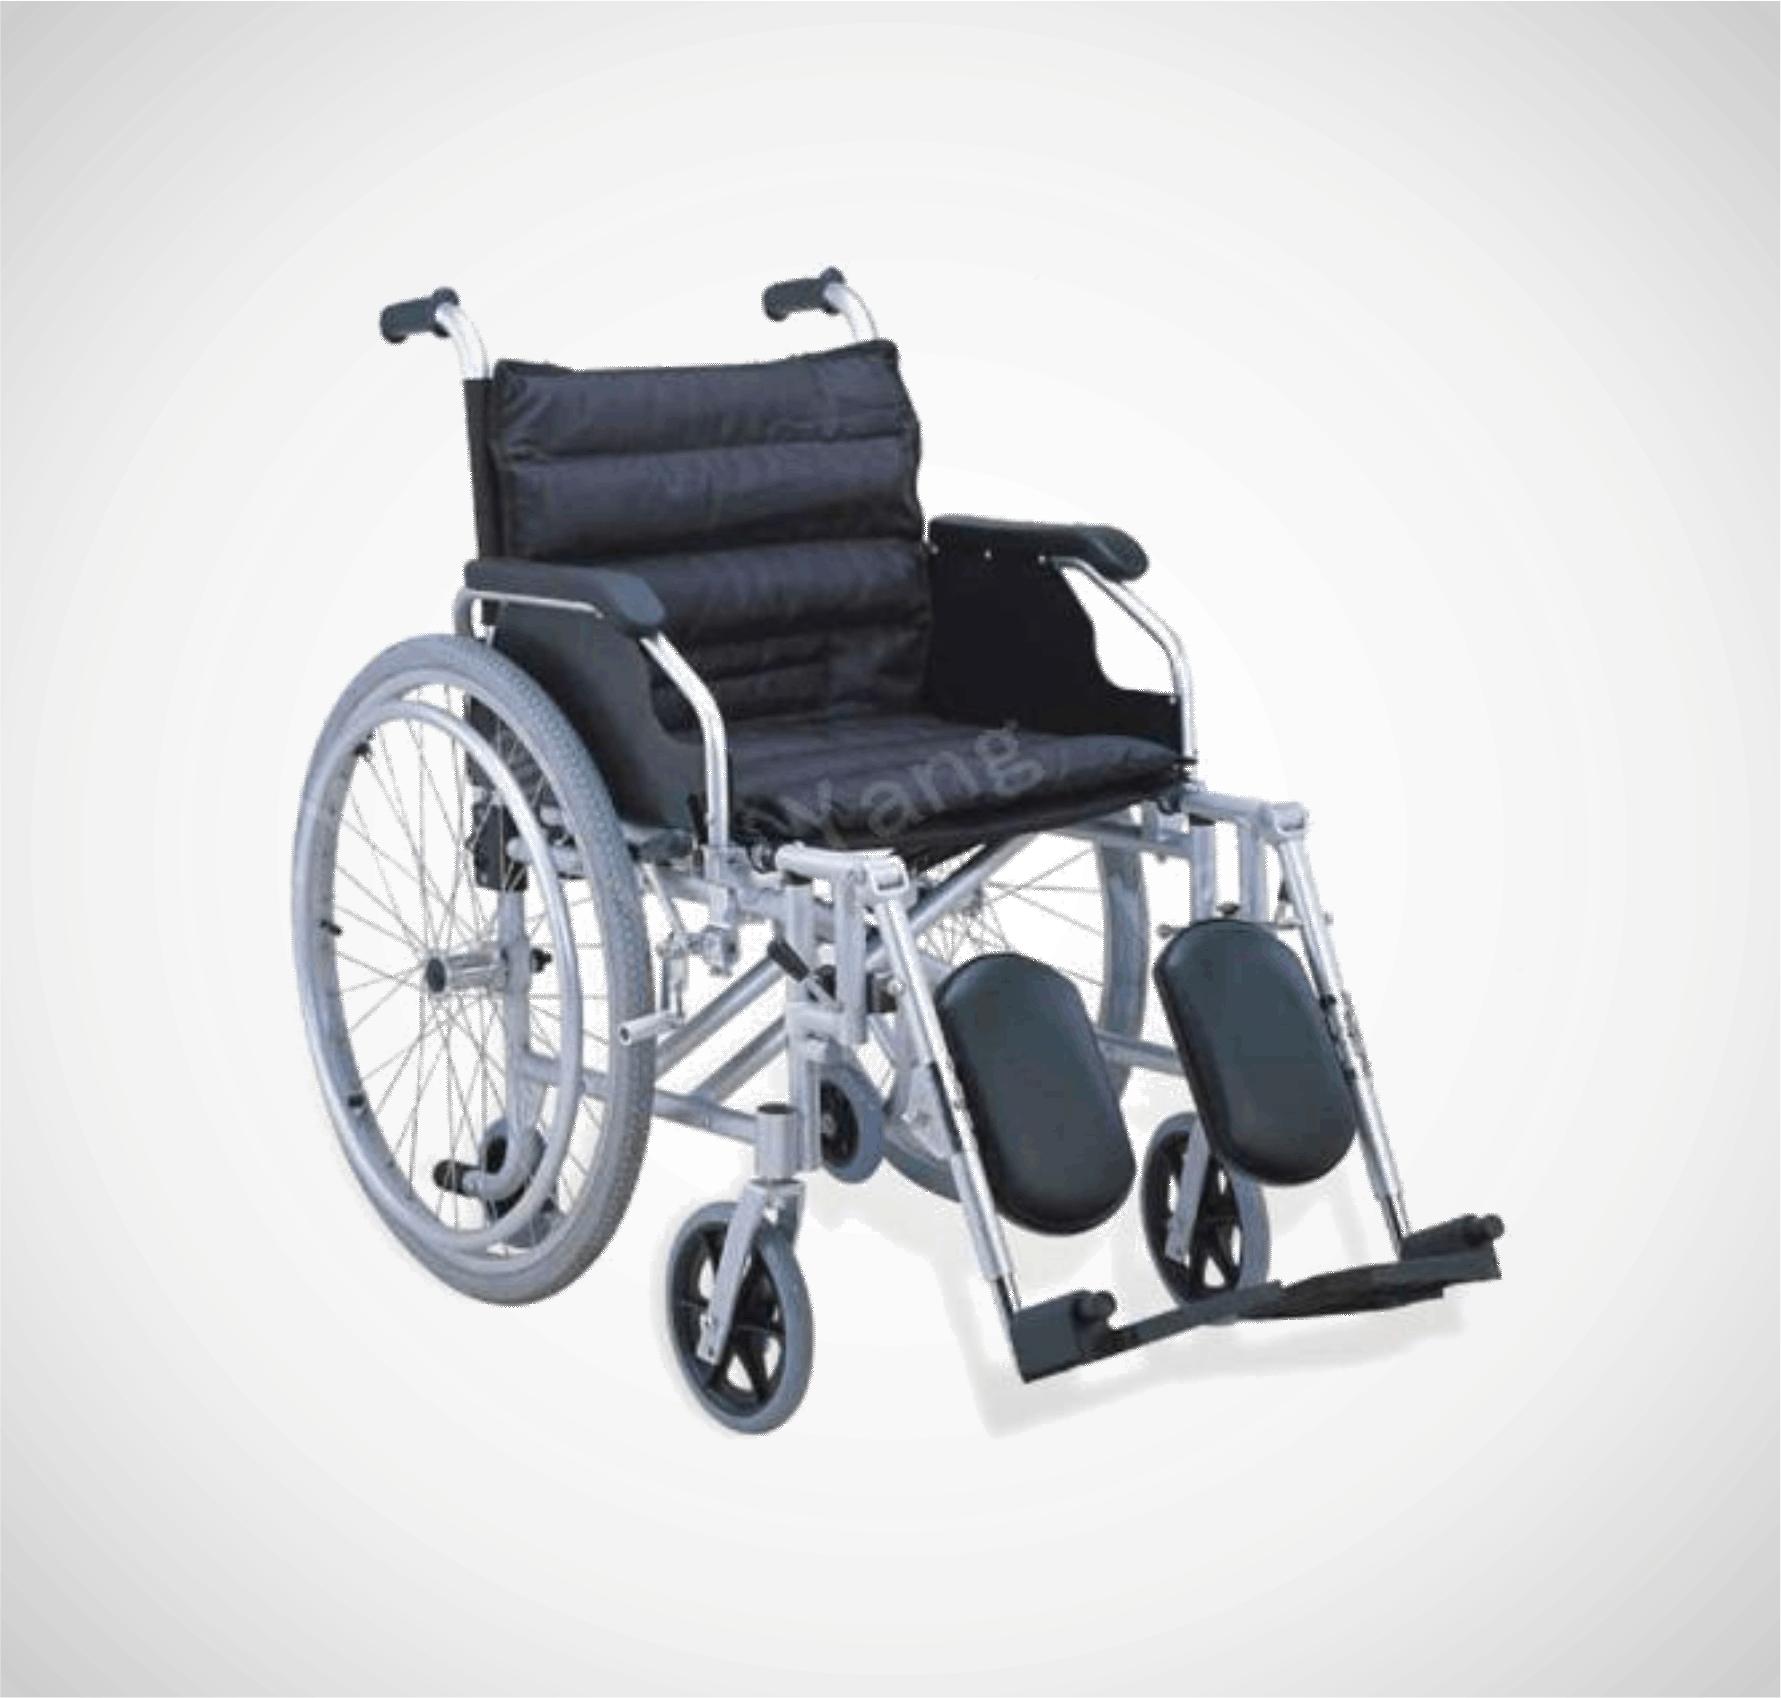 Silla de ruedas de aluminio multifuncional